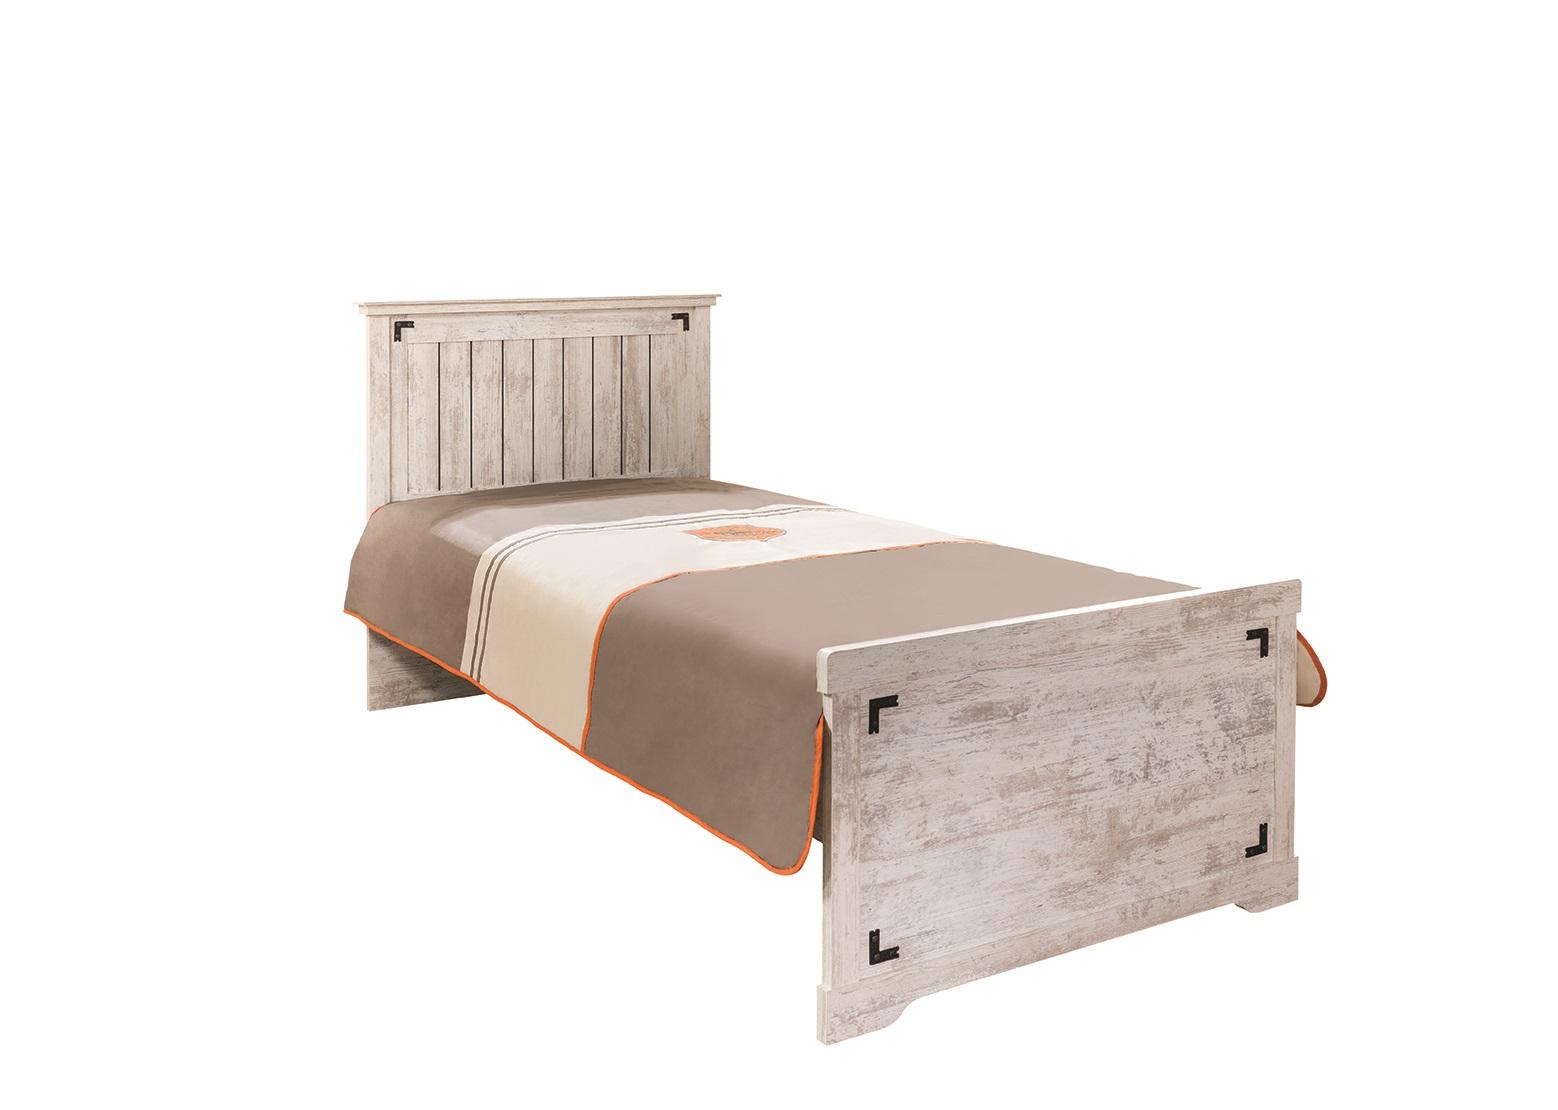 bett 90x200 cm woodlife in weiss im landhausstil 31304. Black Bedroom Furniture Sets. Home Design Ideas